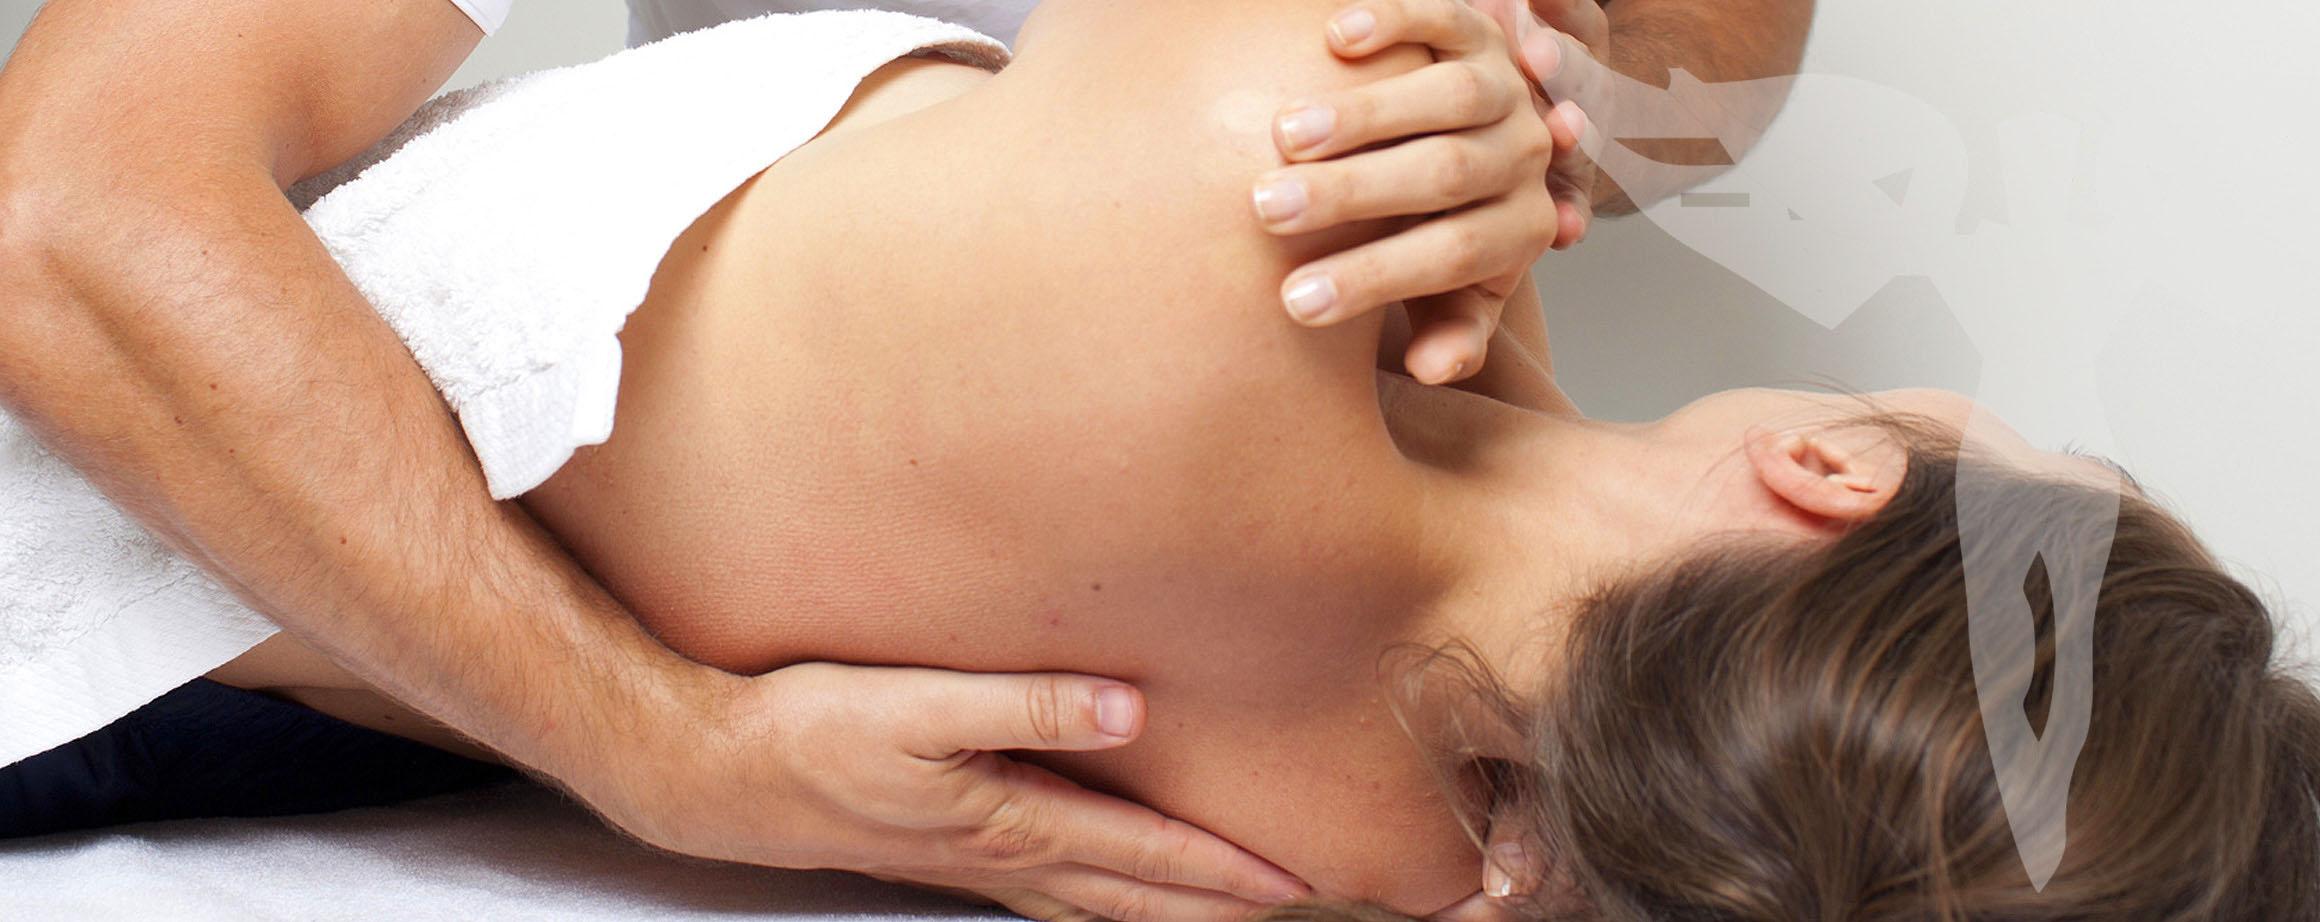 rehabilitacja warszawa, osteopatia warszawa, ortopedia warszawa, fizykoterpia warszawa, skuteczny masaż warszawa